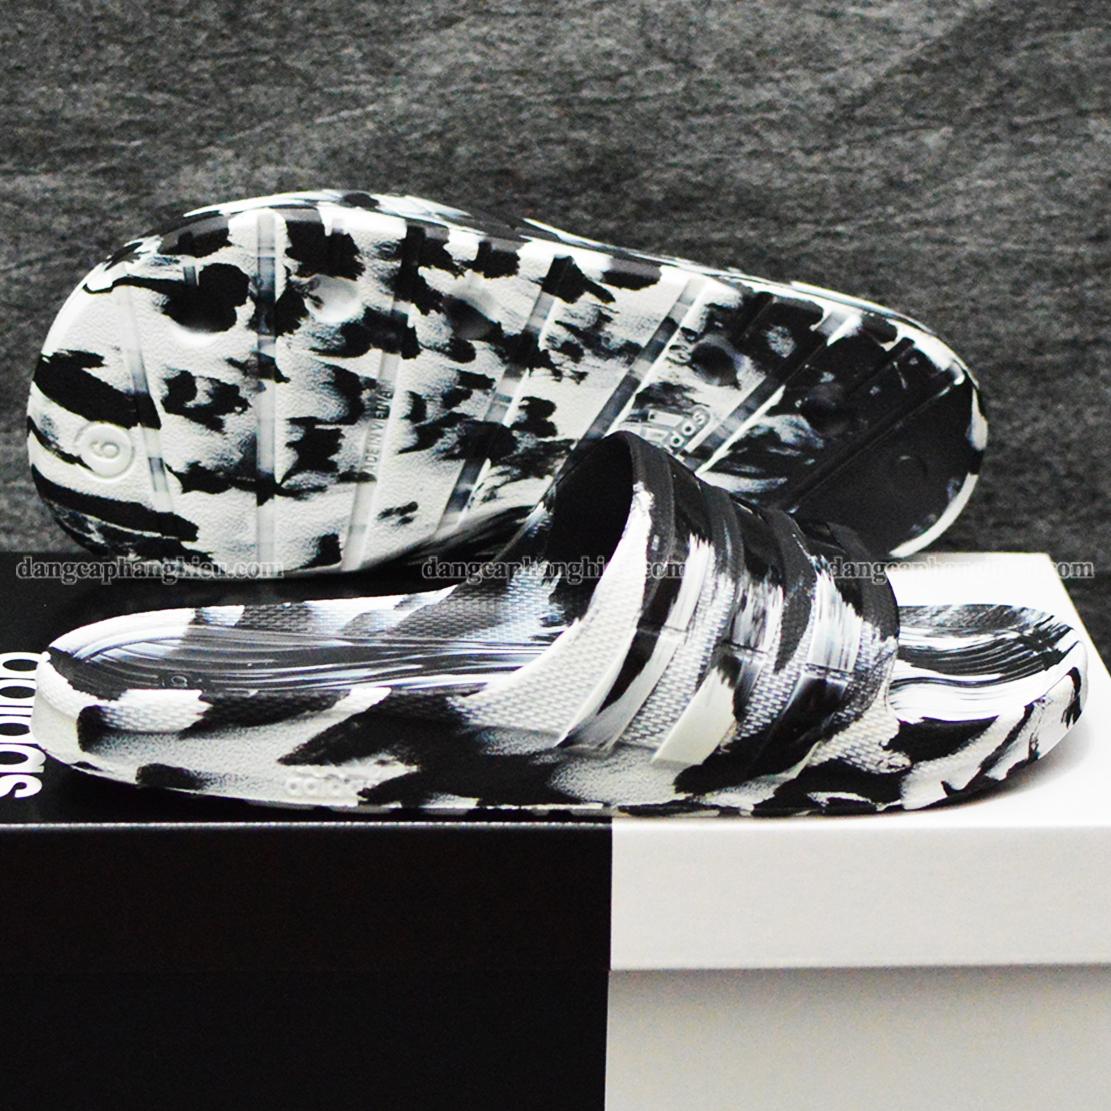 015293 Adidas Duramo Camo WB 6